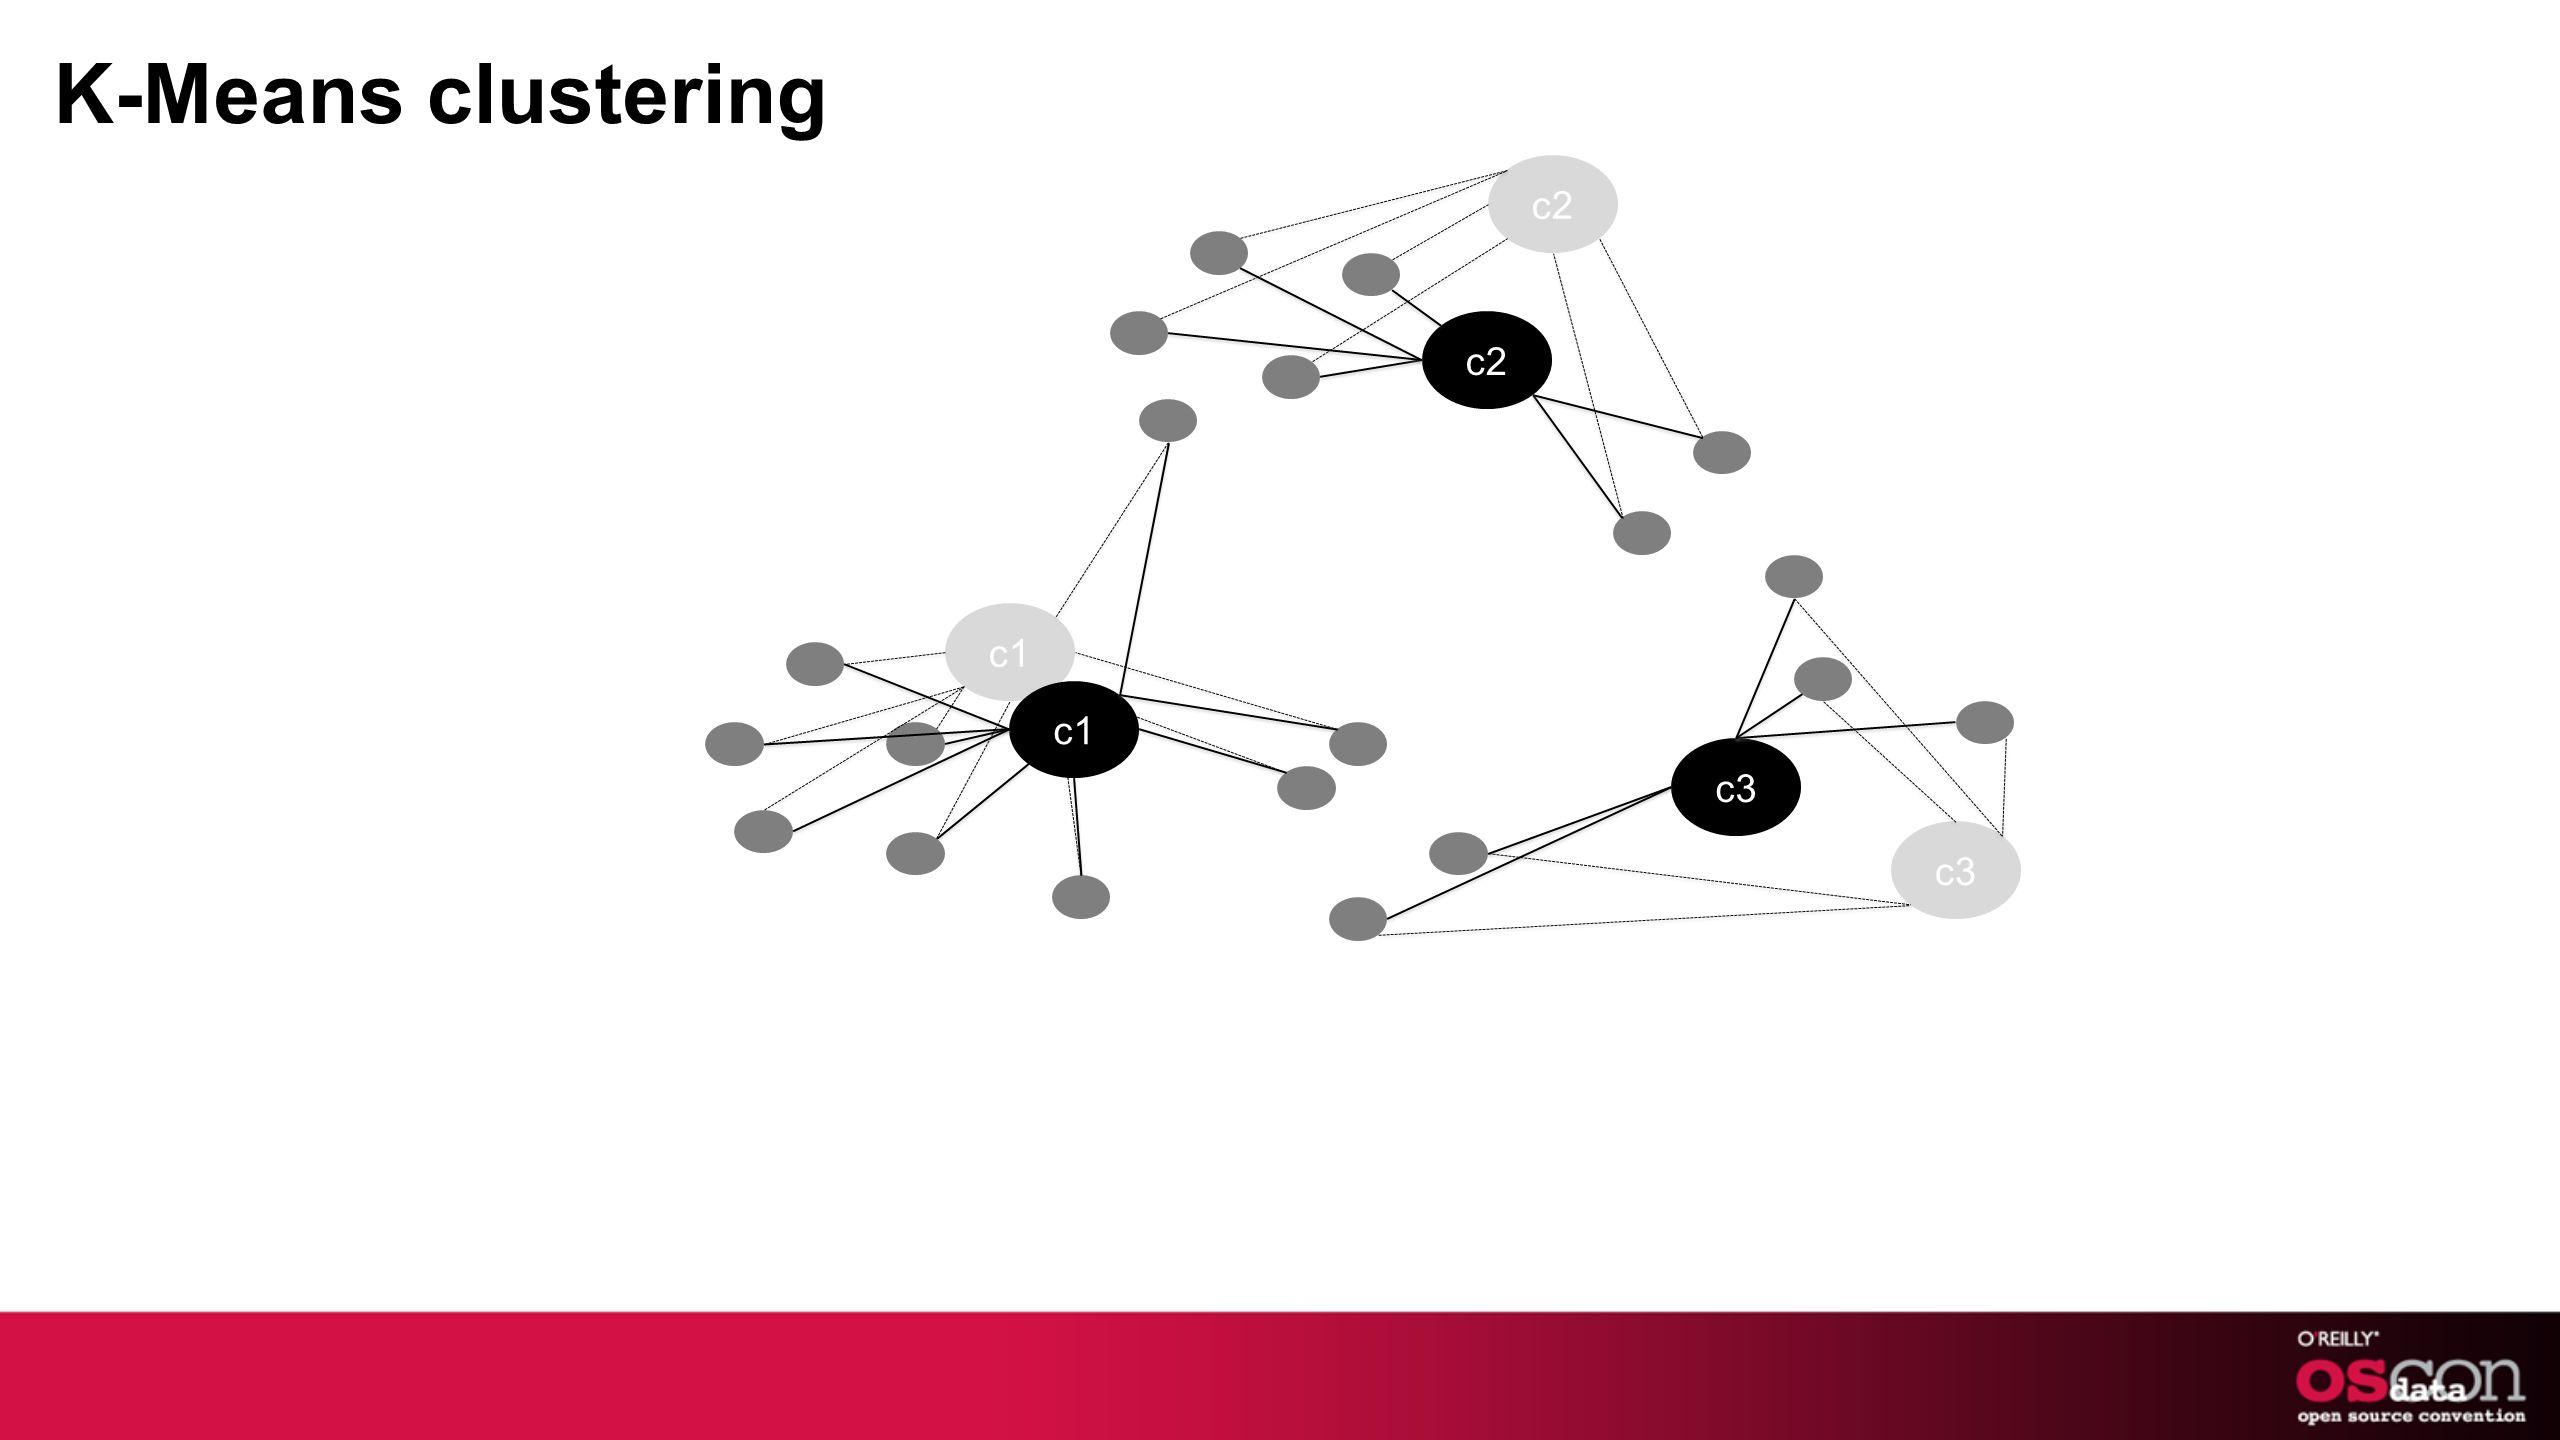 c1 c2 c3 c1 c2 c3 K-Means clustering